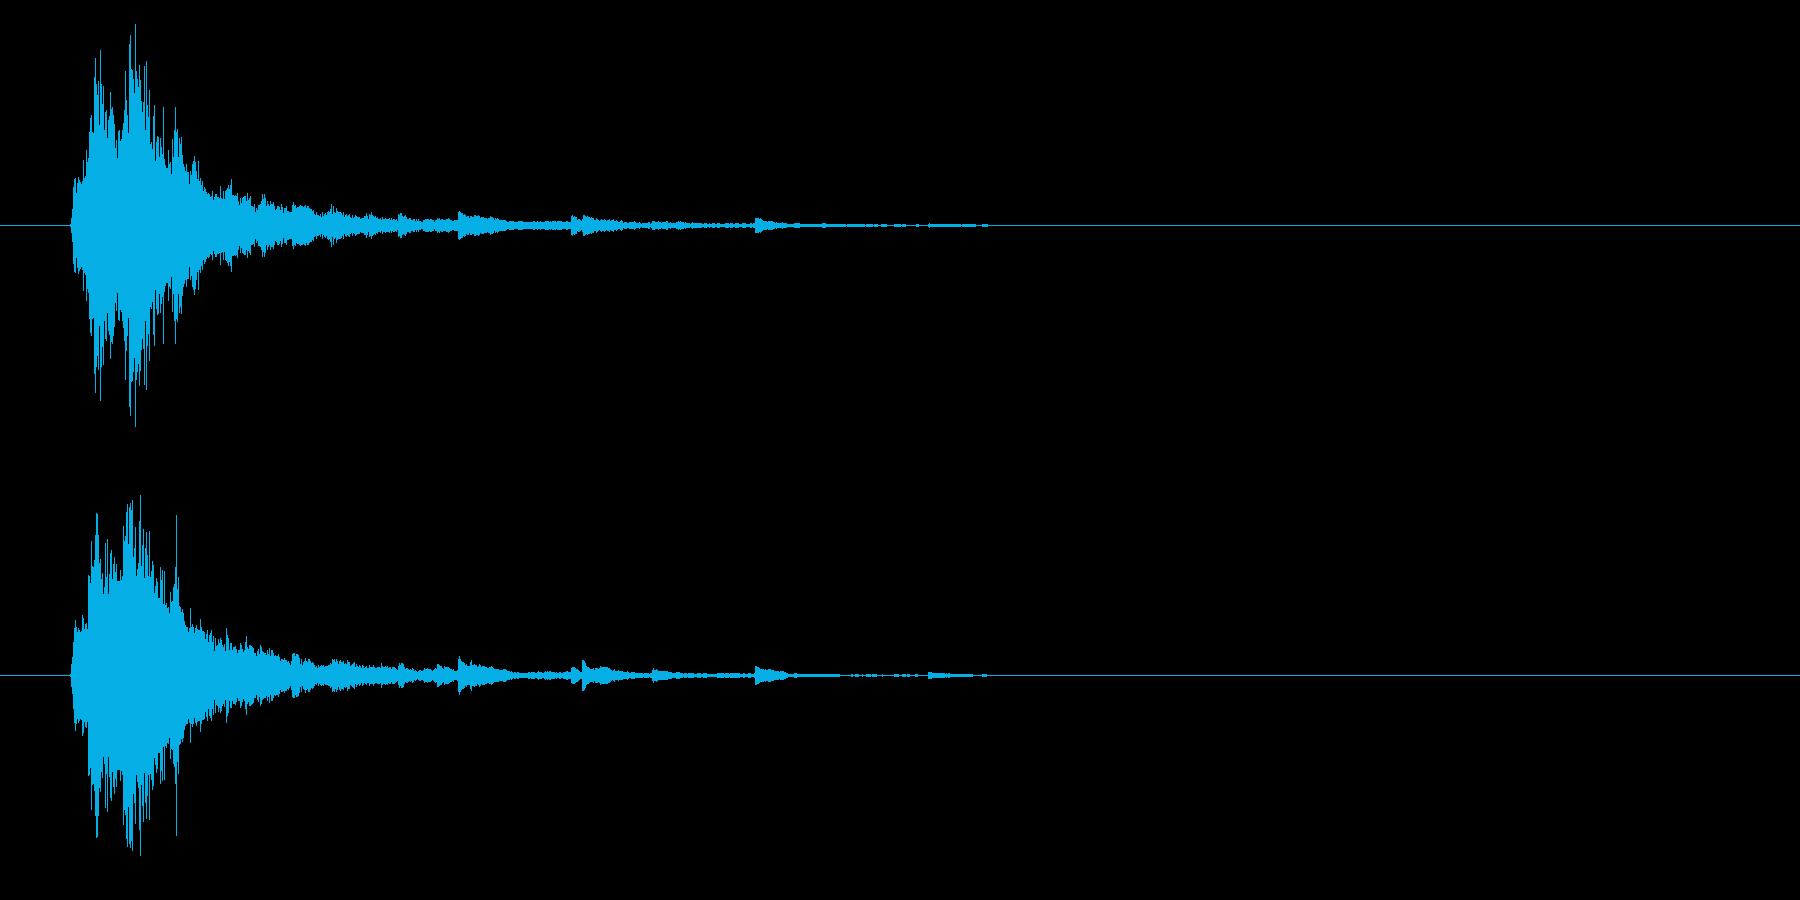 シャラン☆神楽鈴の再生済みの波形